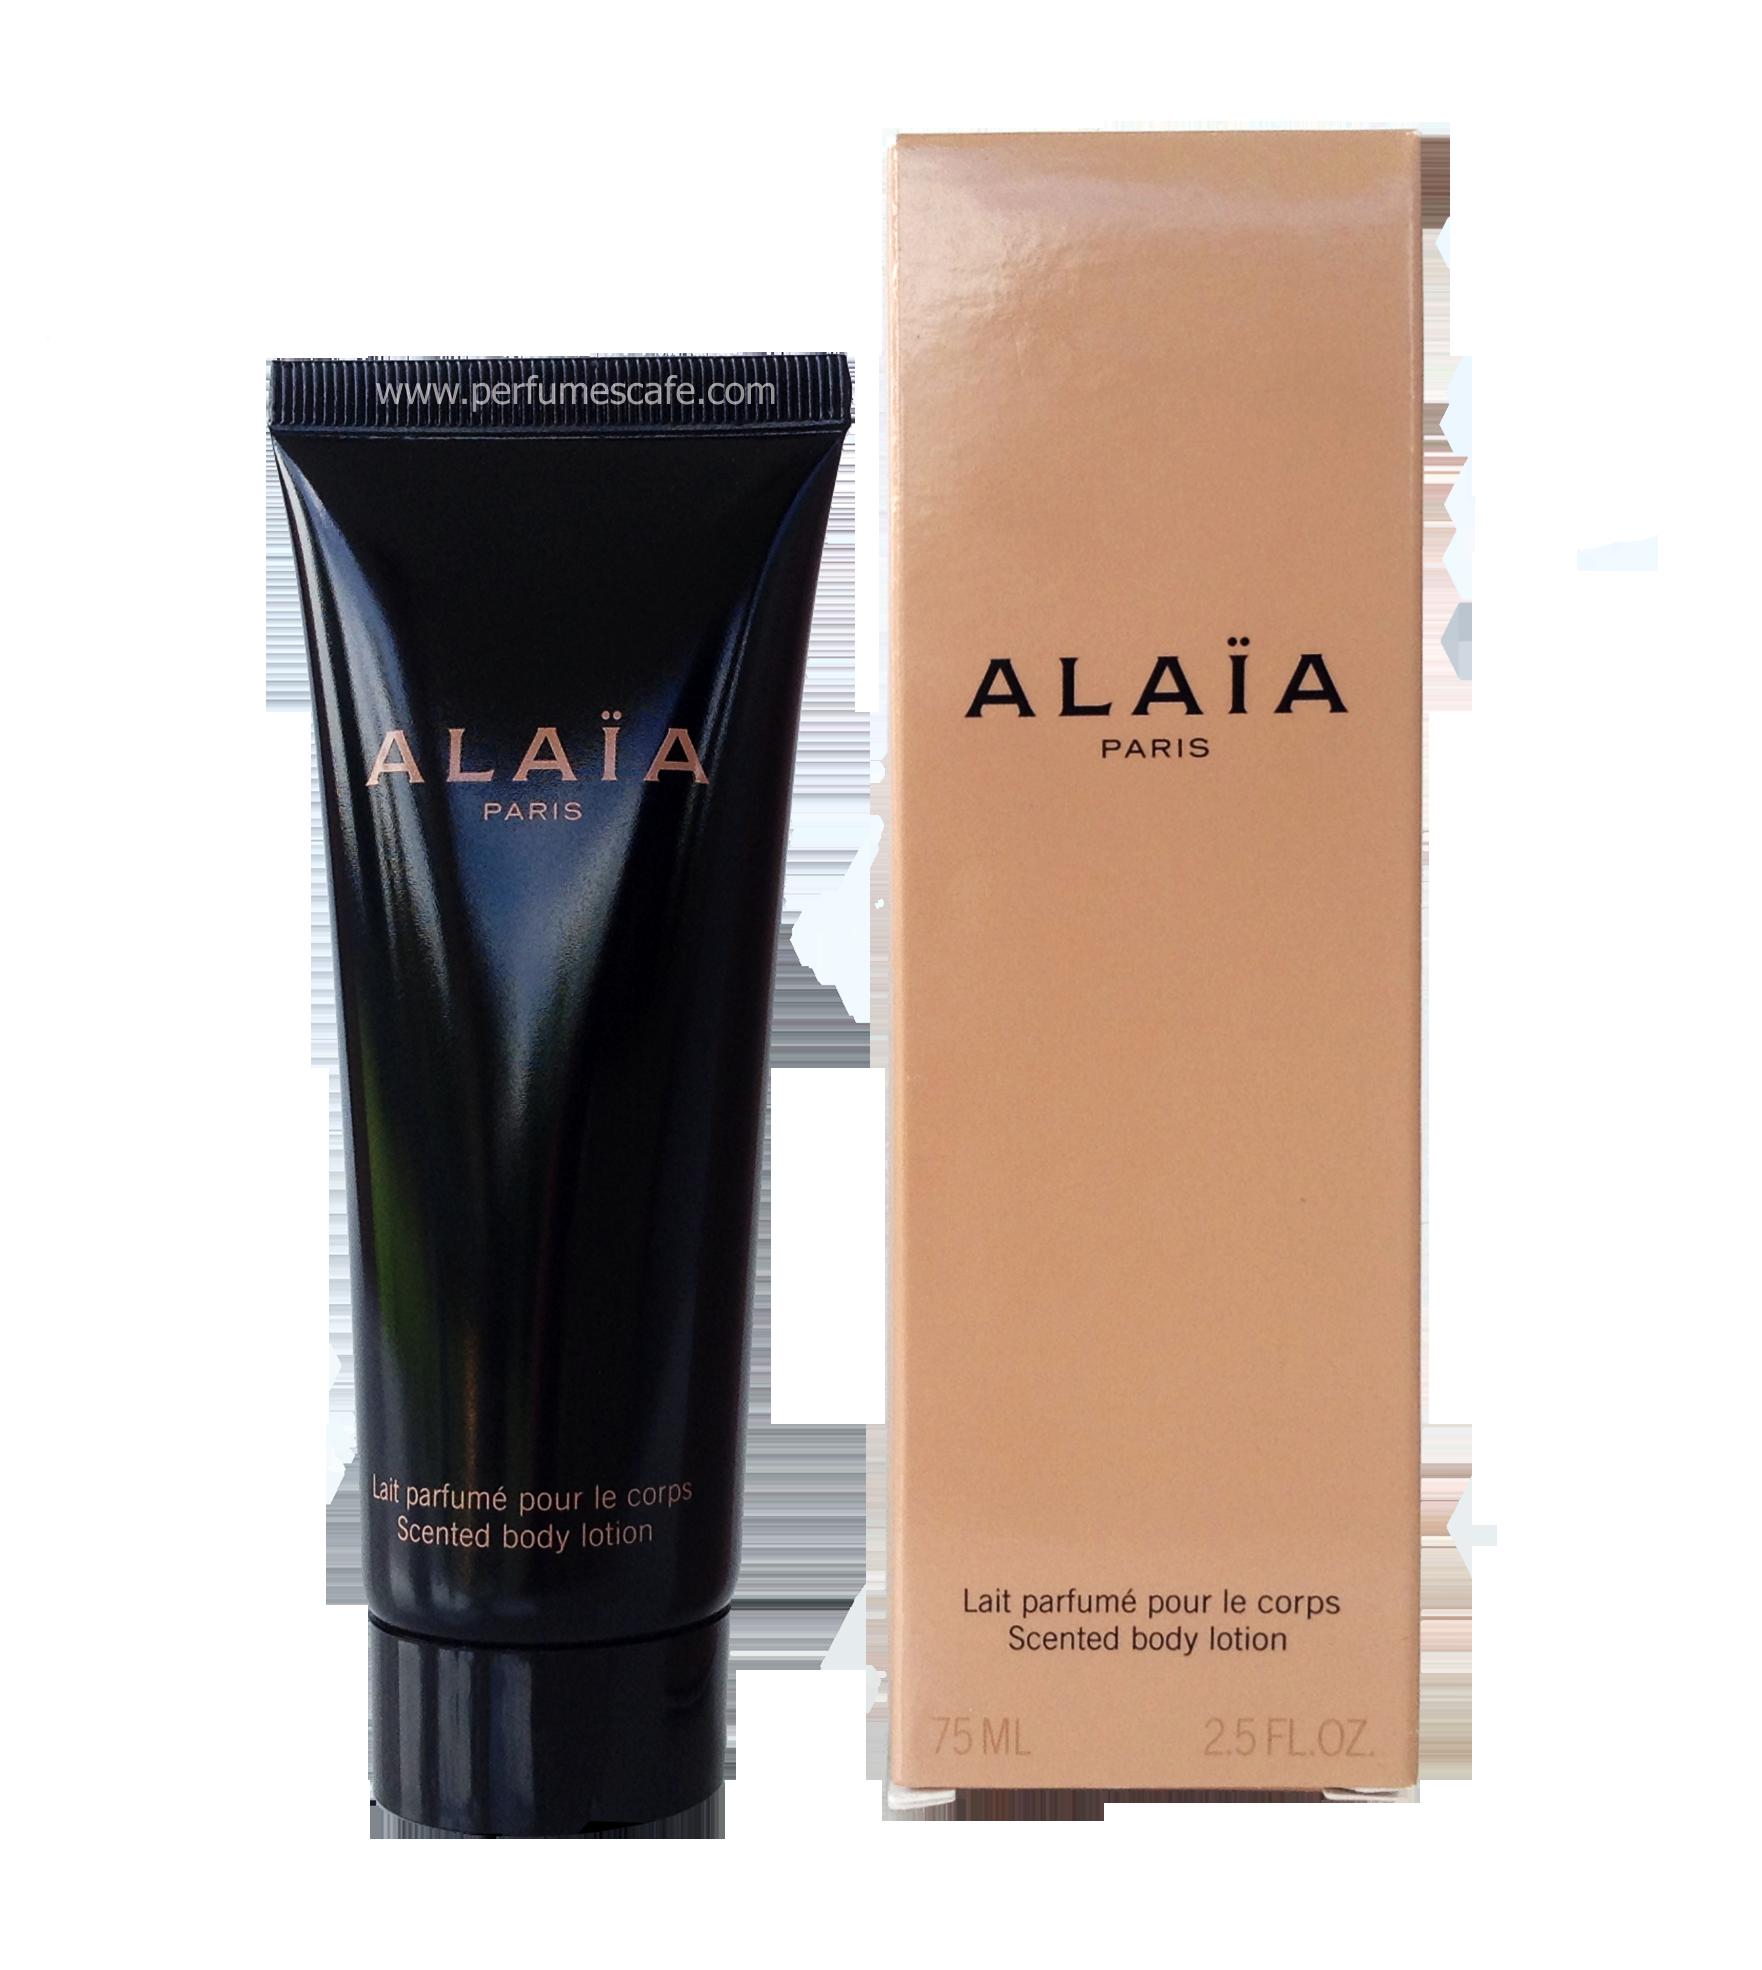 โลชั่นน้ำหอม Alaïa Paris Lait Parfume Pour Le Cprps Scented Body Lotion 75ml